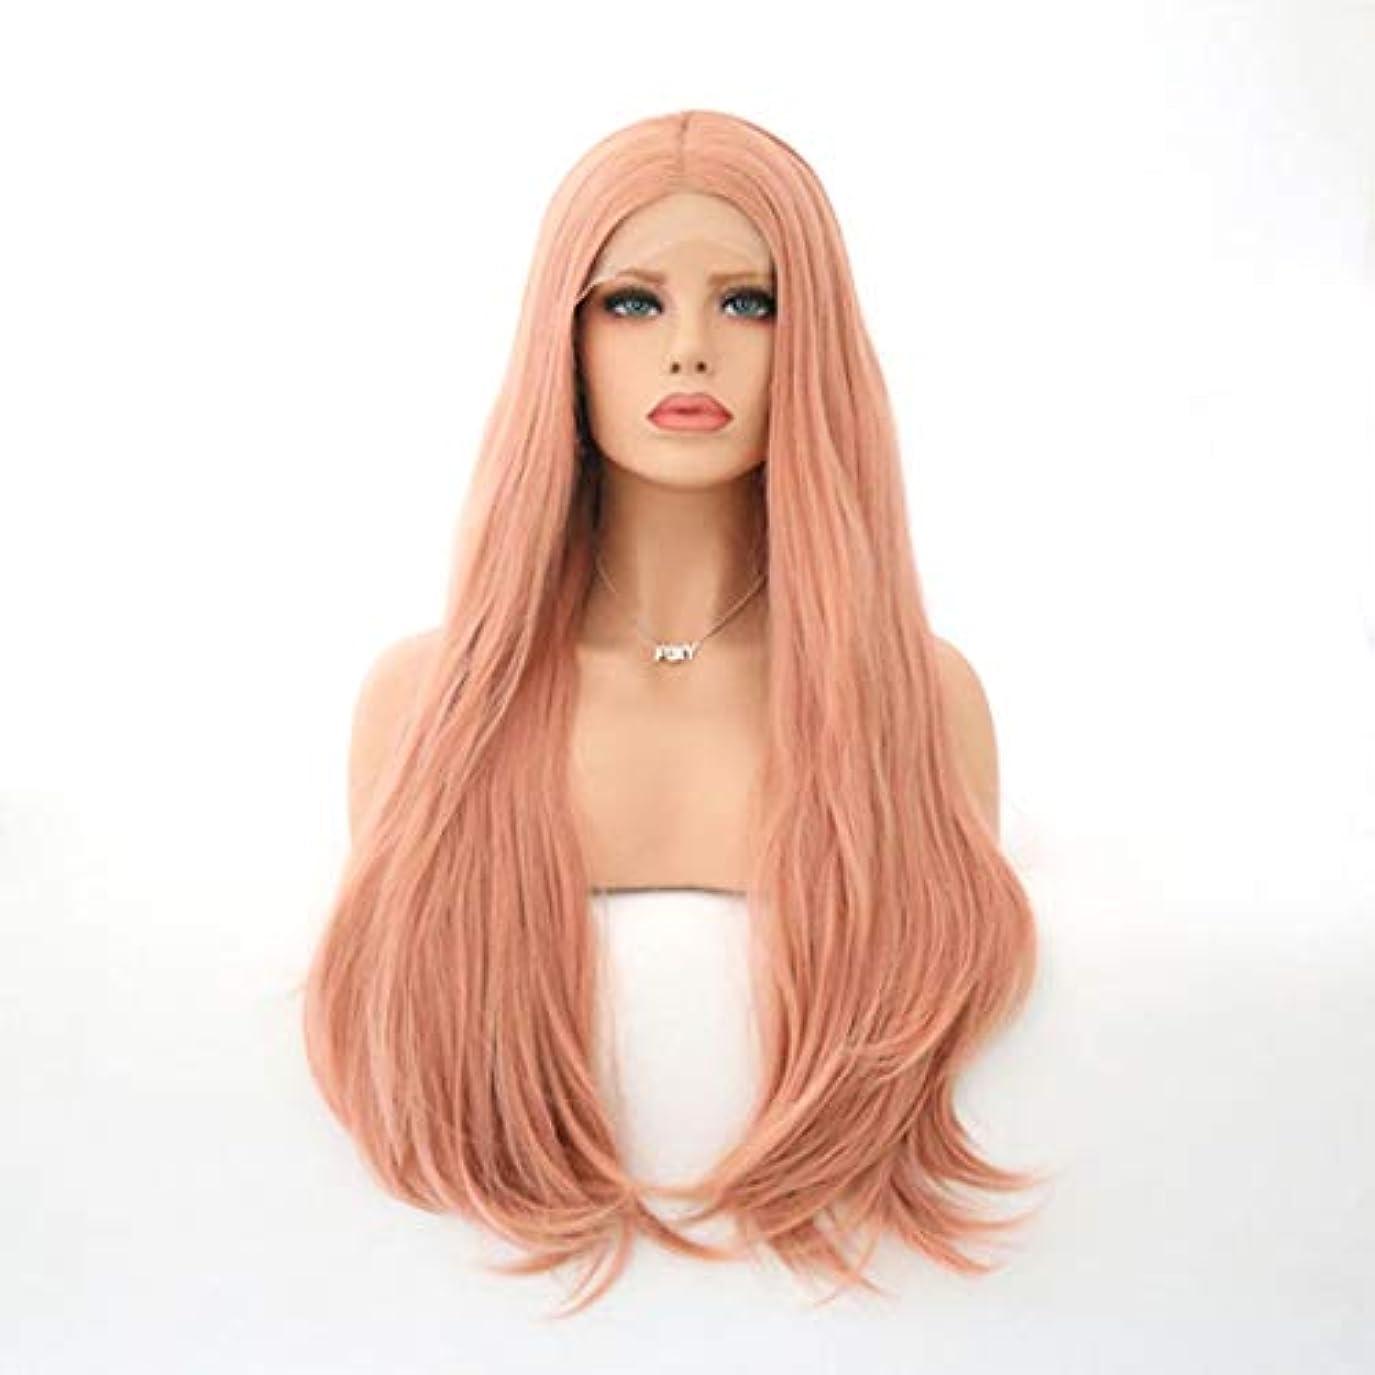 拡散する割れ目うまくやる()Kerwinner 女性のための自然な長い巻き毛のかつらの代わりとなるかつら合成繊維の毛髪のかつら